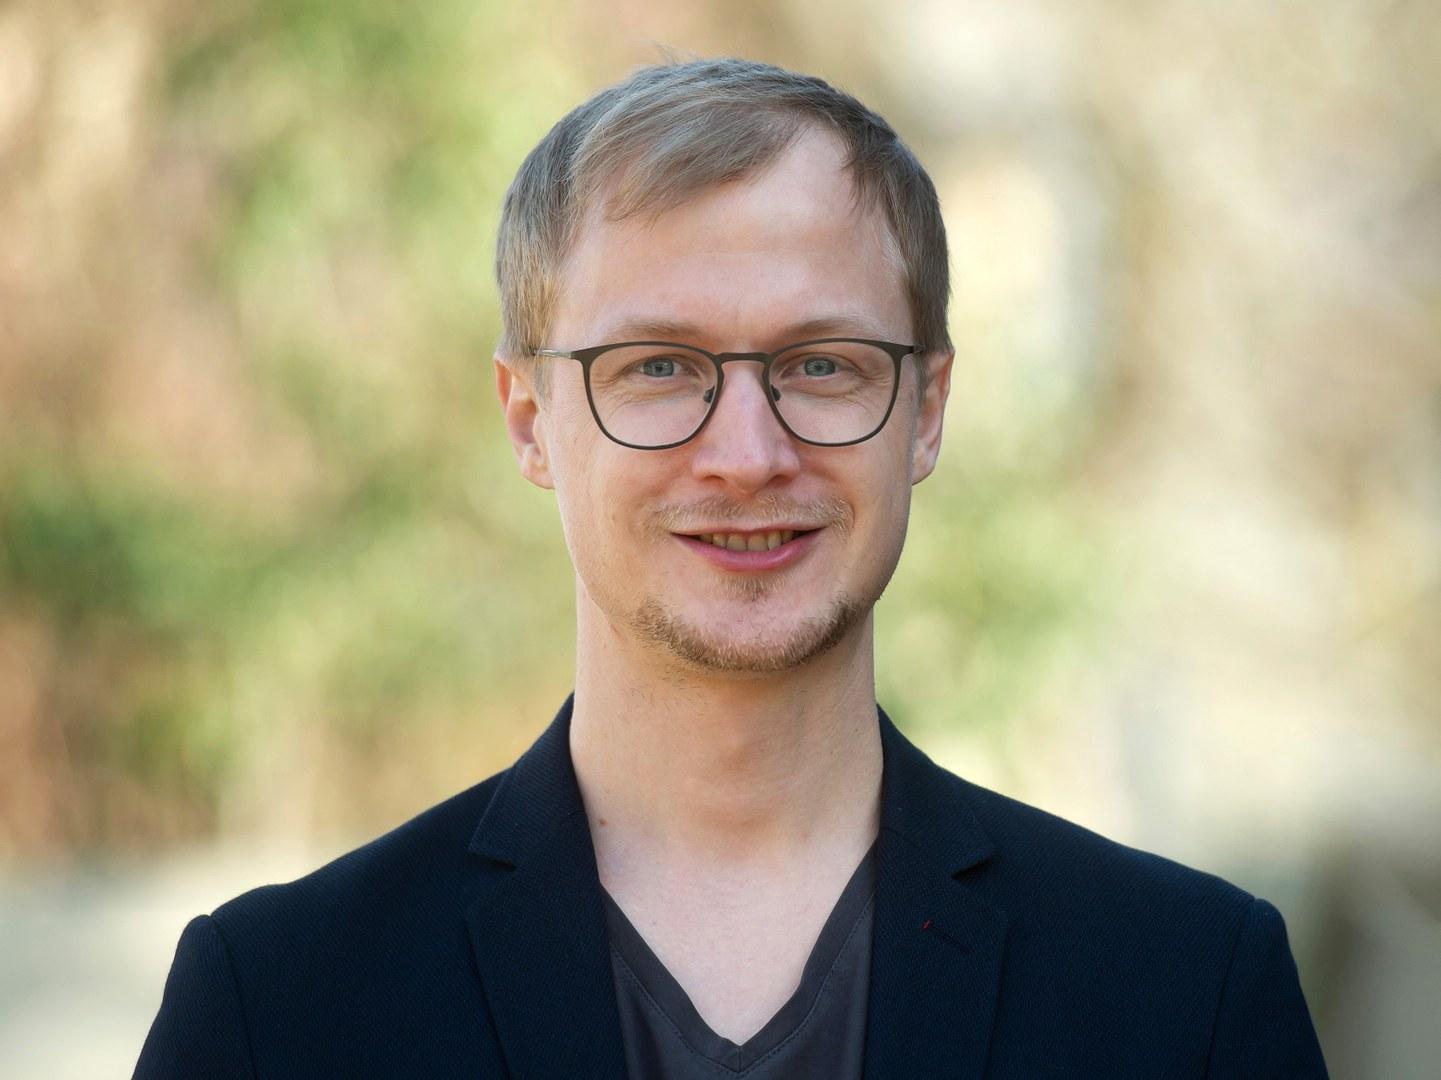 Dr. Michael Wustmans